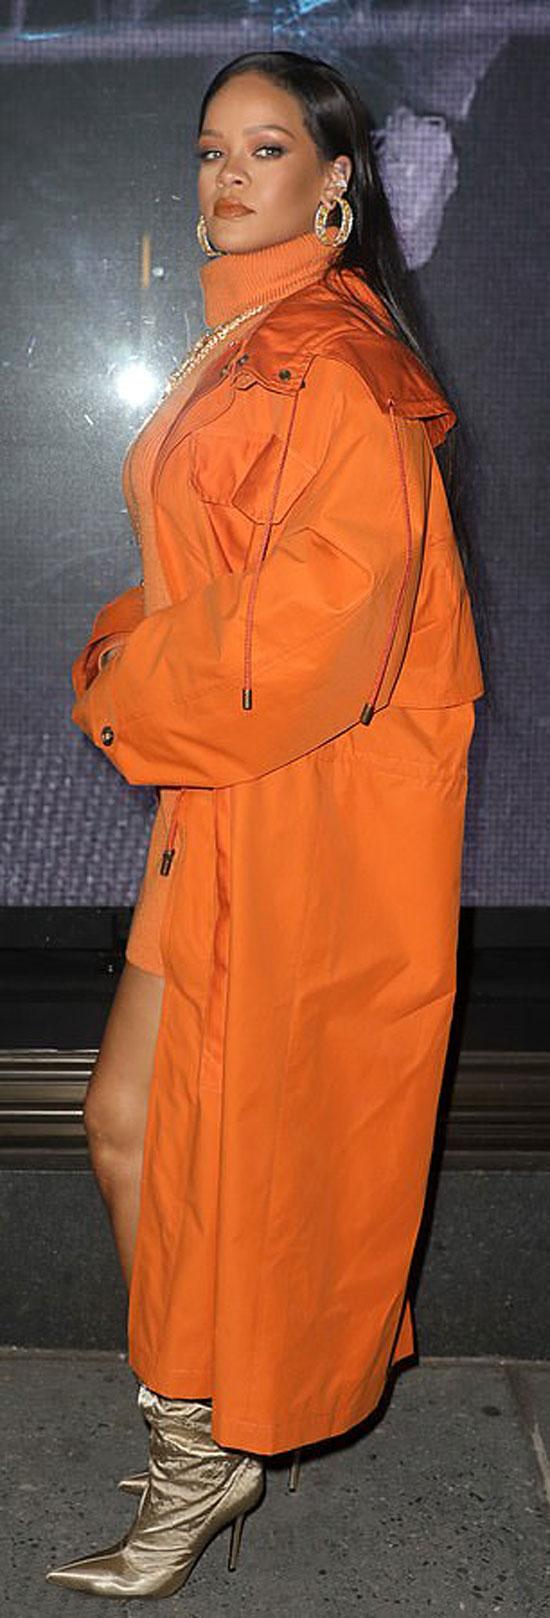 Рианна в ярком оранжевом наряде и золотистых сапогах